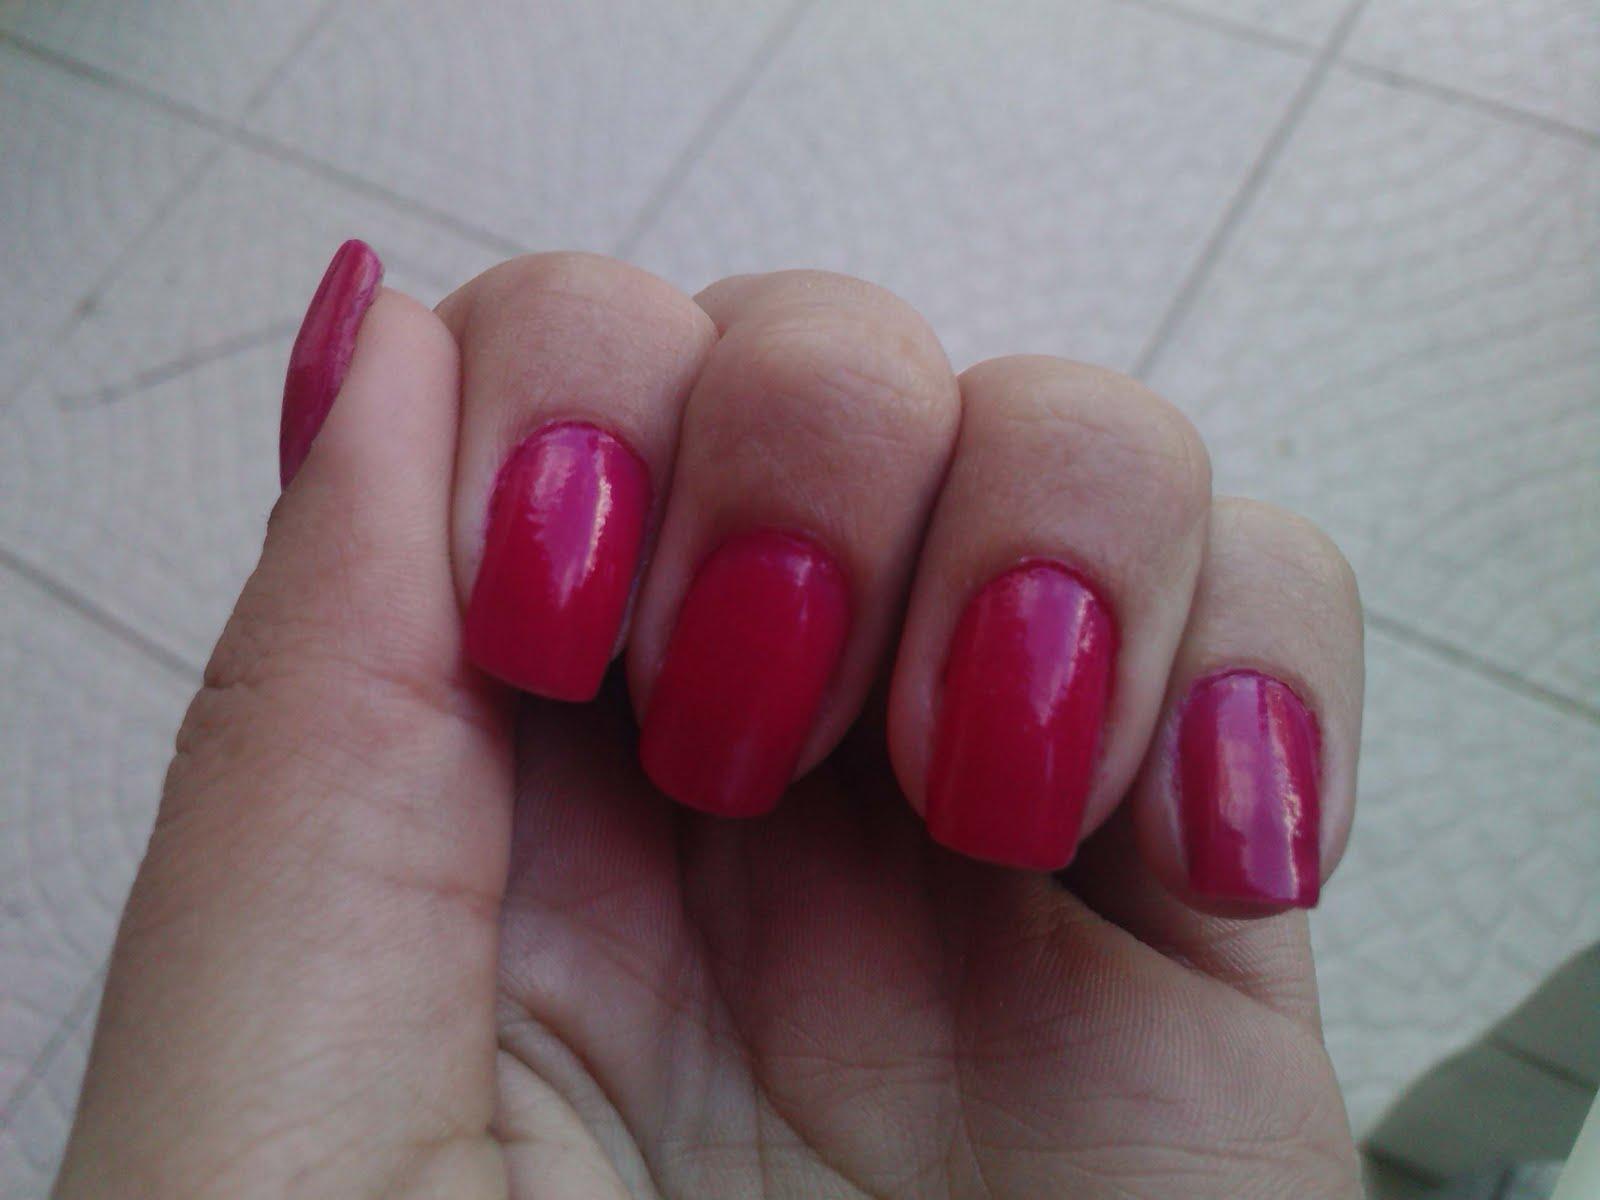 http://4.bp.blogspot.com/_iI7K6u06rms/TDekGBbOzVI/AAAAAAAAAPk/Mu33i6Sz67g/s1600/atitude_pink_risque2.jpg